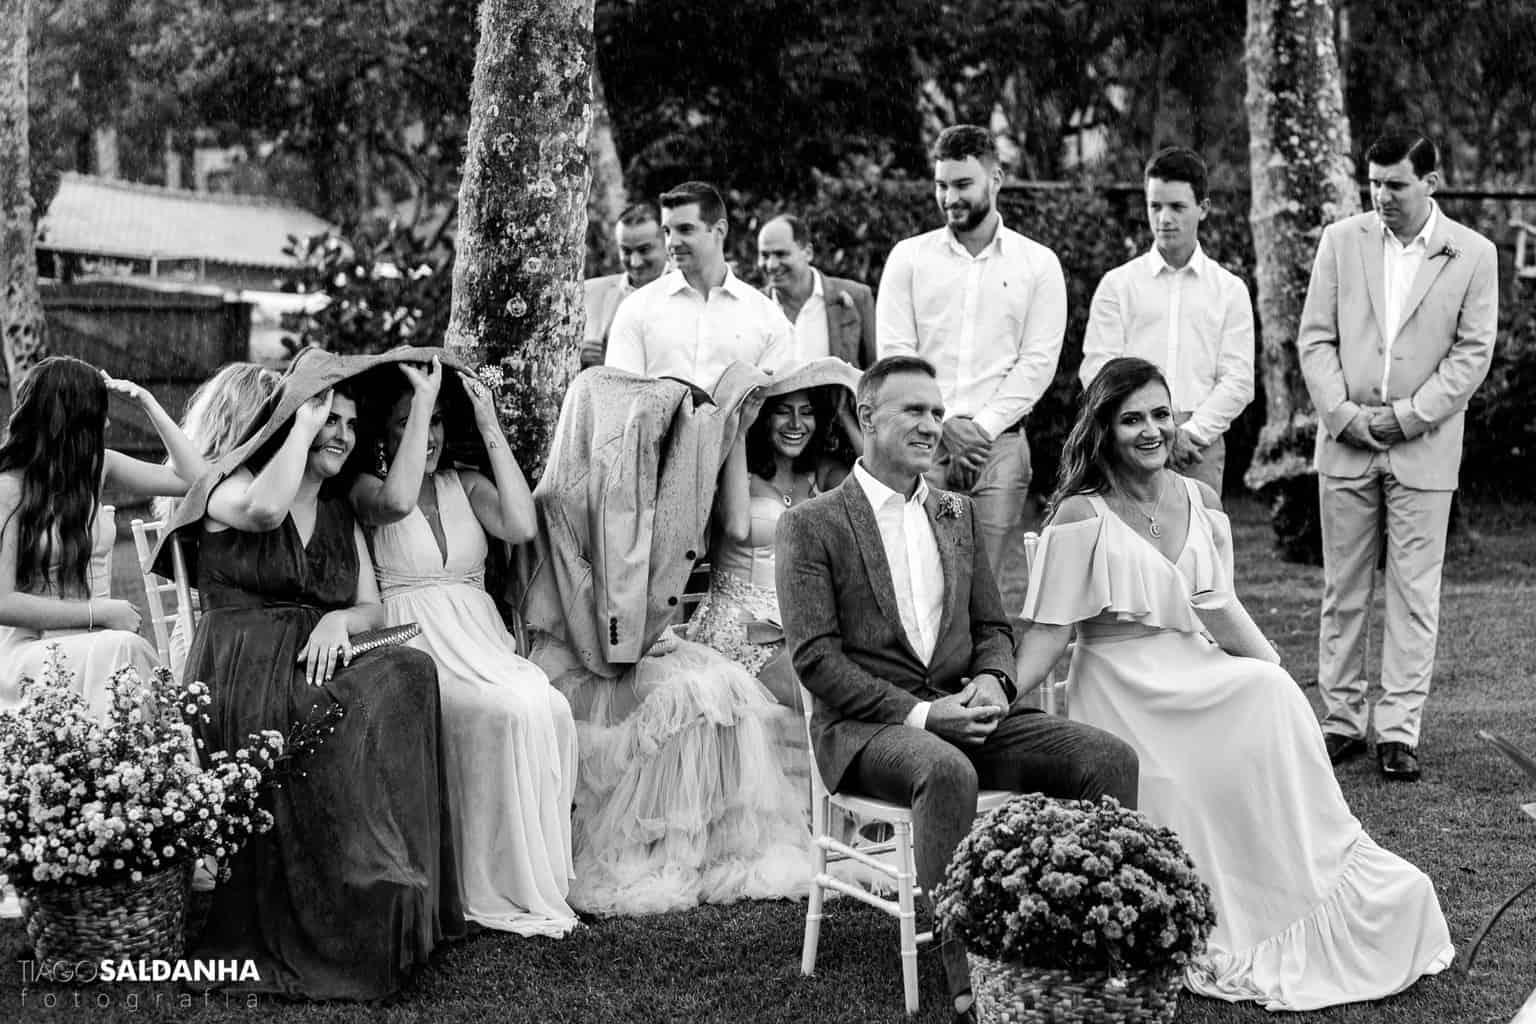 Aliança-no-Espelho-Casamento-Chandrélin-e-Laureano-cerimonia-na-praia-cerimonia-no-jardim-Chan-e-Lau-Rio-da-Barra23